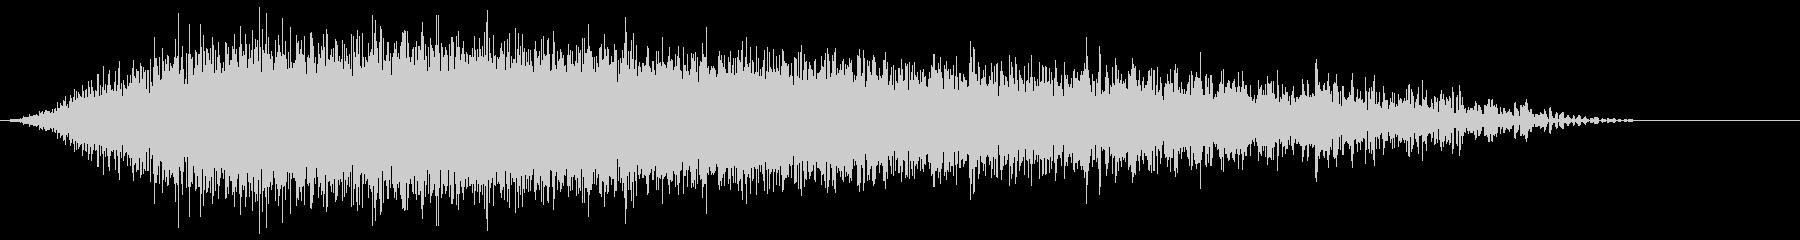 メタリックシンバルフーシュ2の未再生の波形